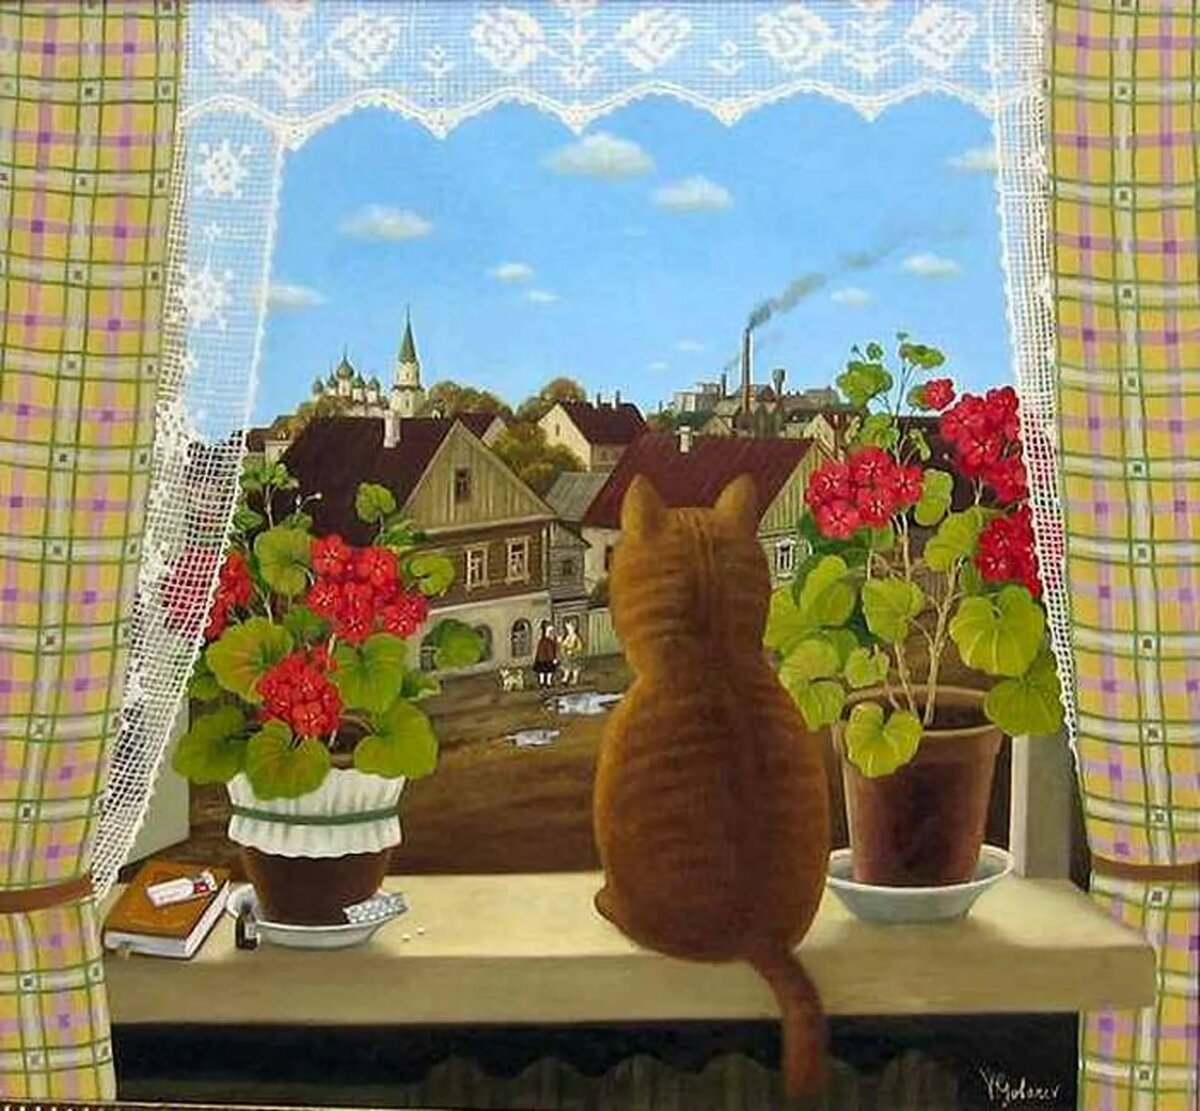 Картинки высоком, с добрым утром картинки красивые летние смешные